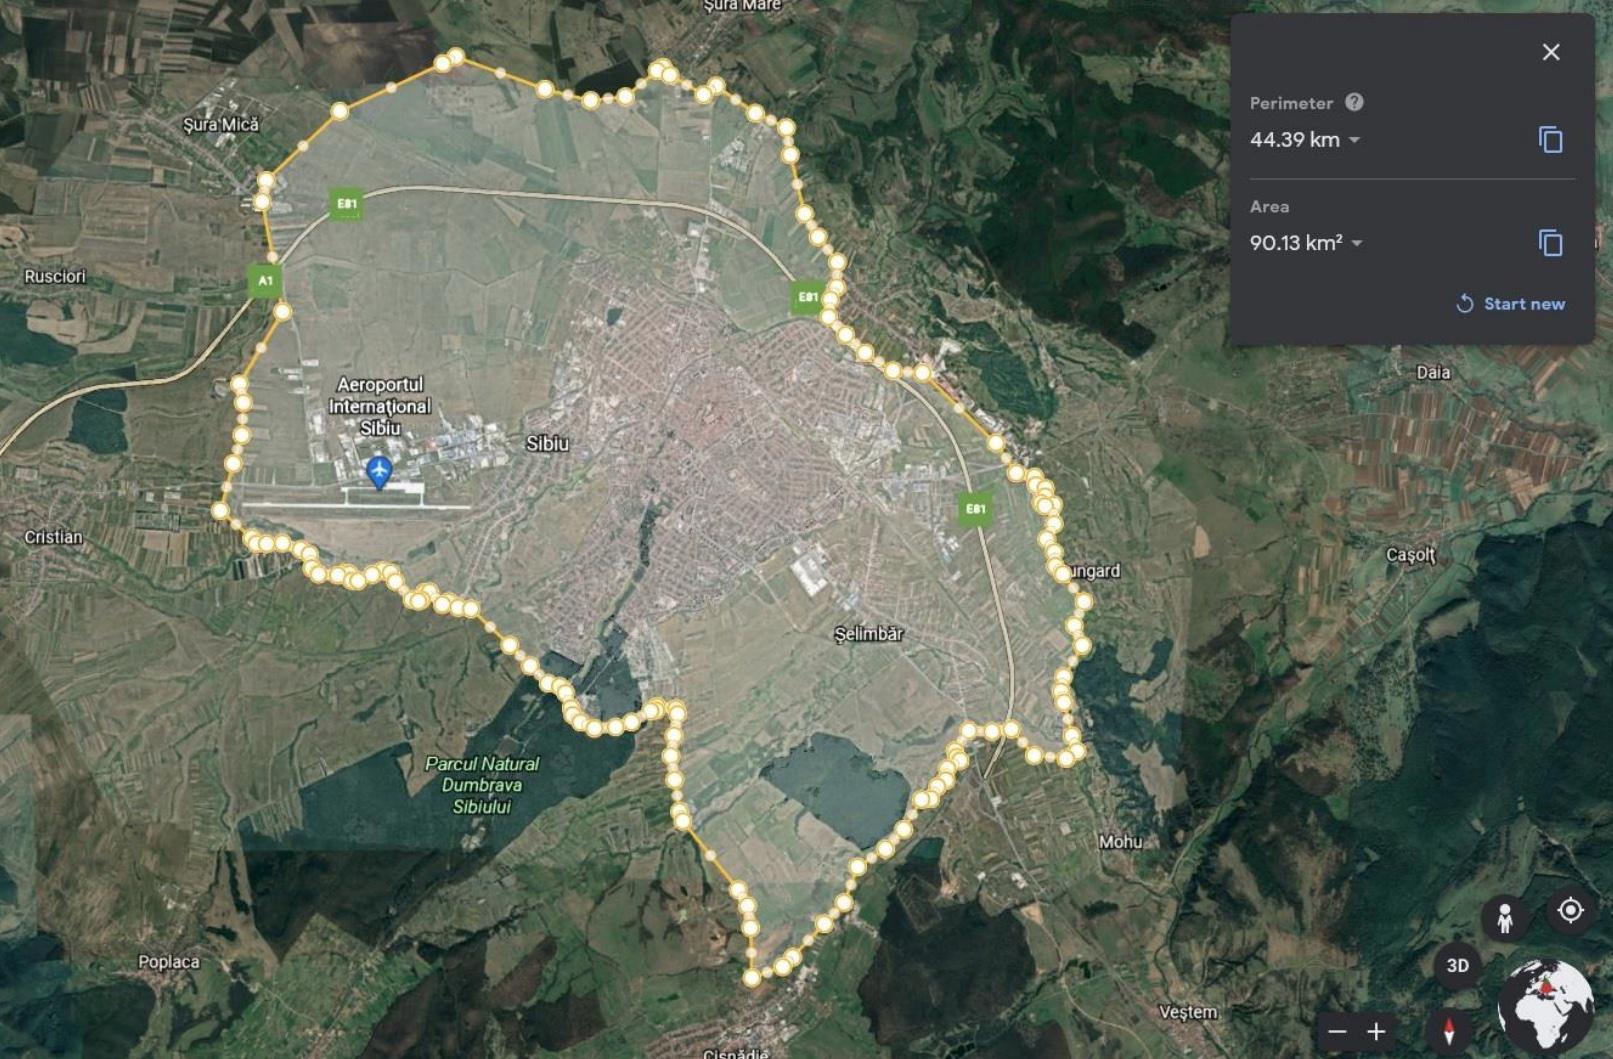 """Proiect: Centura velo a Sibiului. """"Putem gândi o centura velo care sa ocolească întreg orașul, un inel care să lege toate localitățile limitrofe"""""""